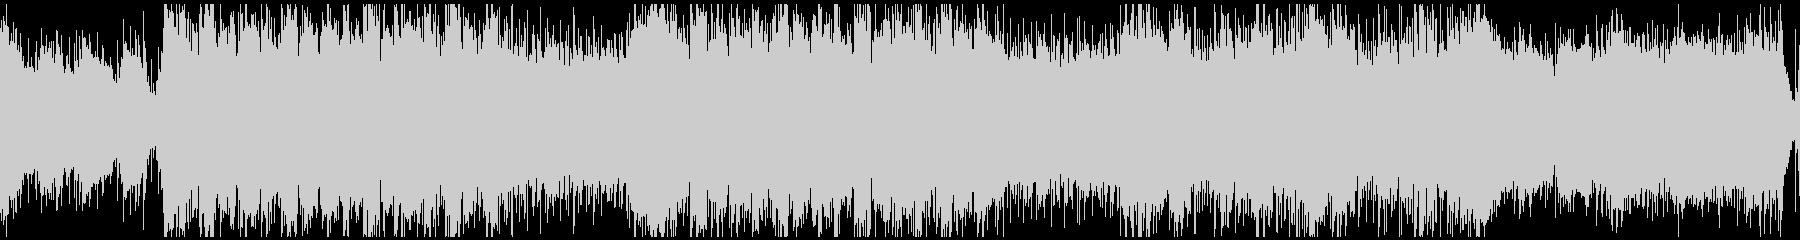 砂漠のエスニック曲(ループ)の未再生の波形